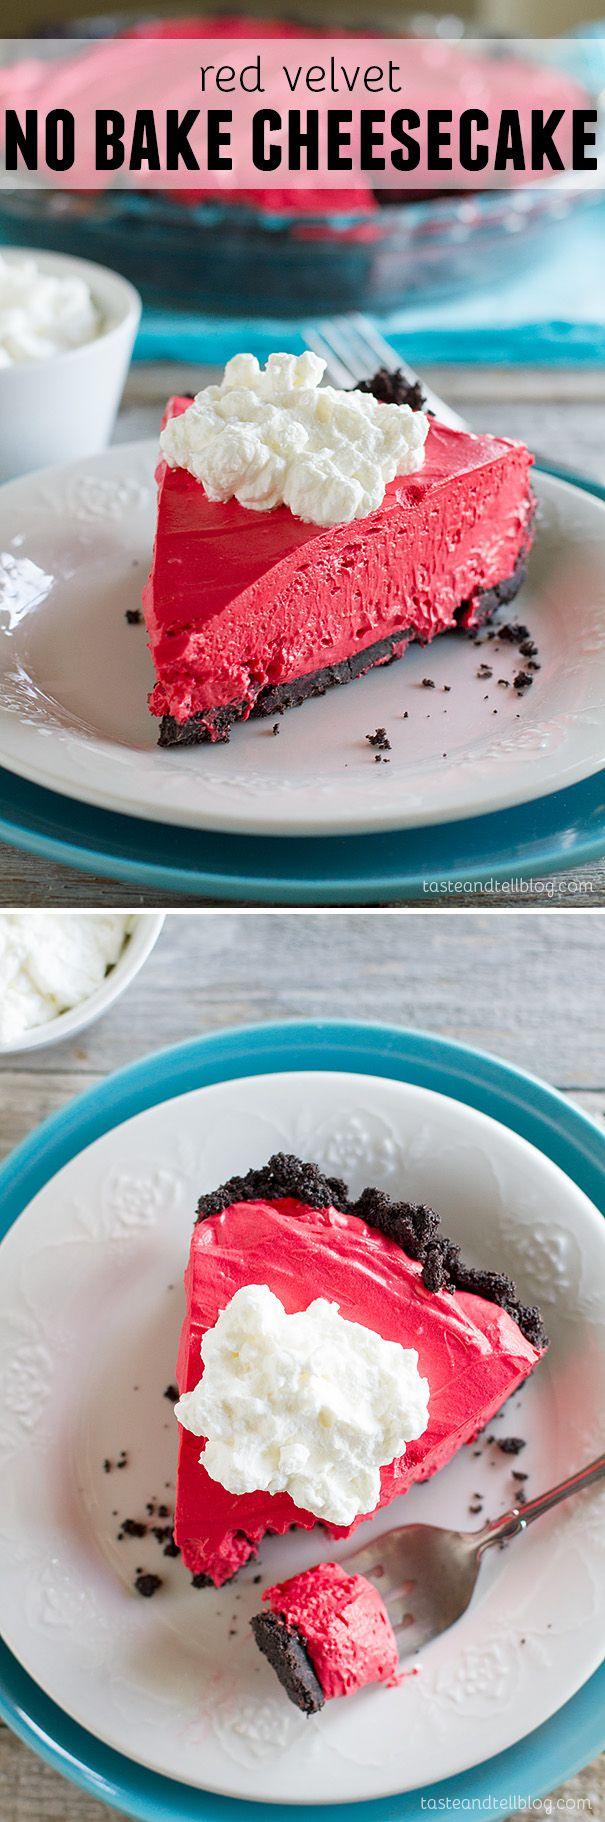 red velvet flavored cheesecake filling.